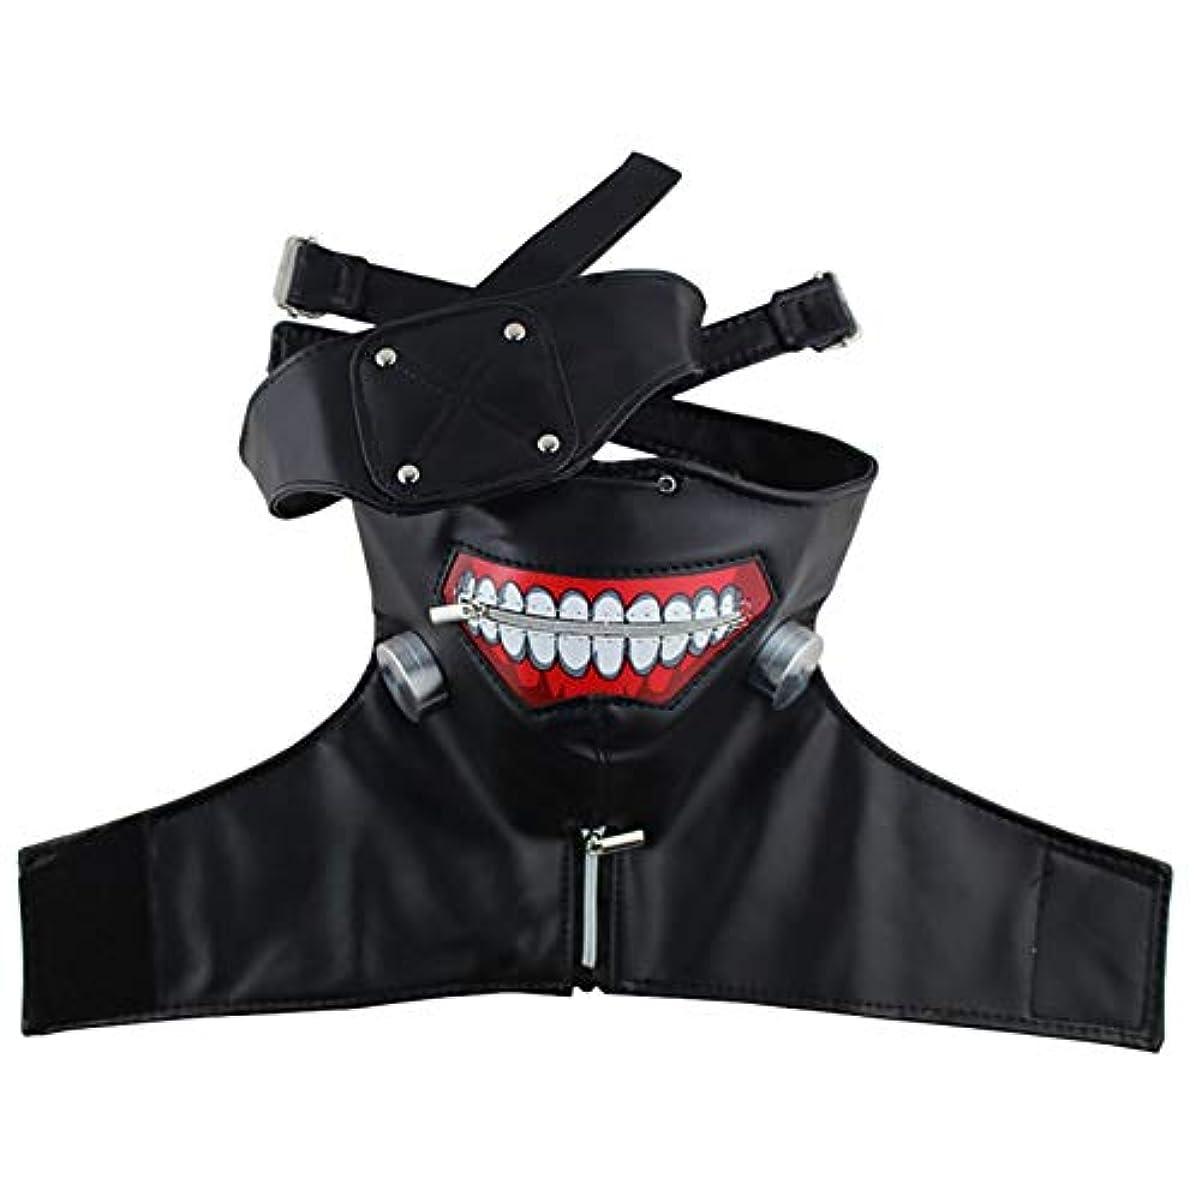 羊愛情深い宿泊施設Esolom 東京マスク 3D PUレザーマスク 調整可能なジッパー衣装小道具 アニメ ゴールデンウッドマスク ハロウィンロールプレイング